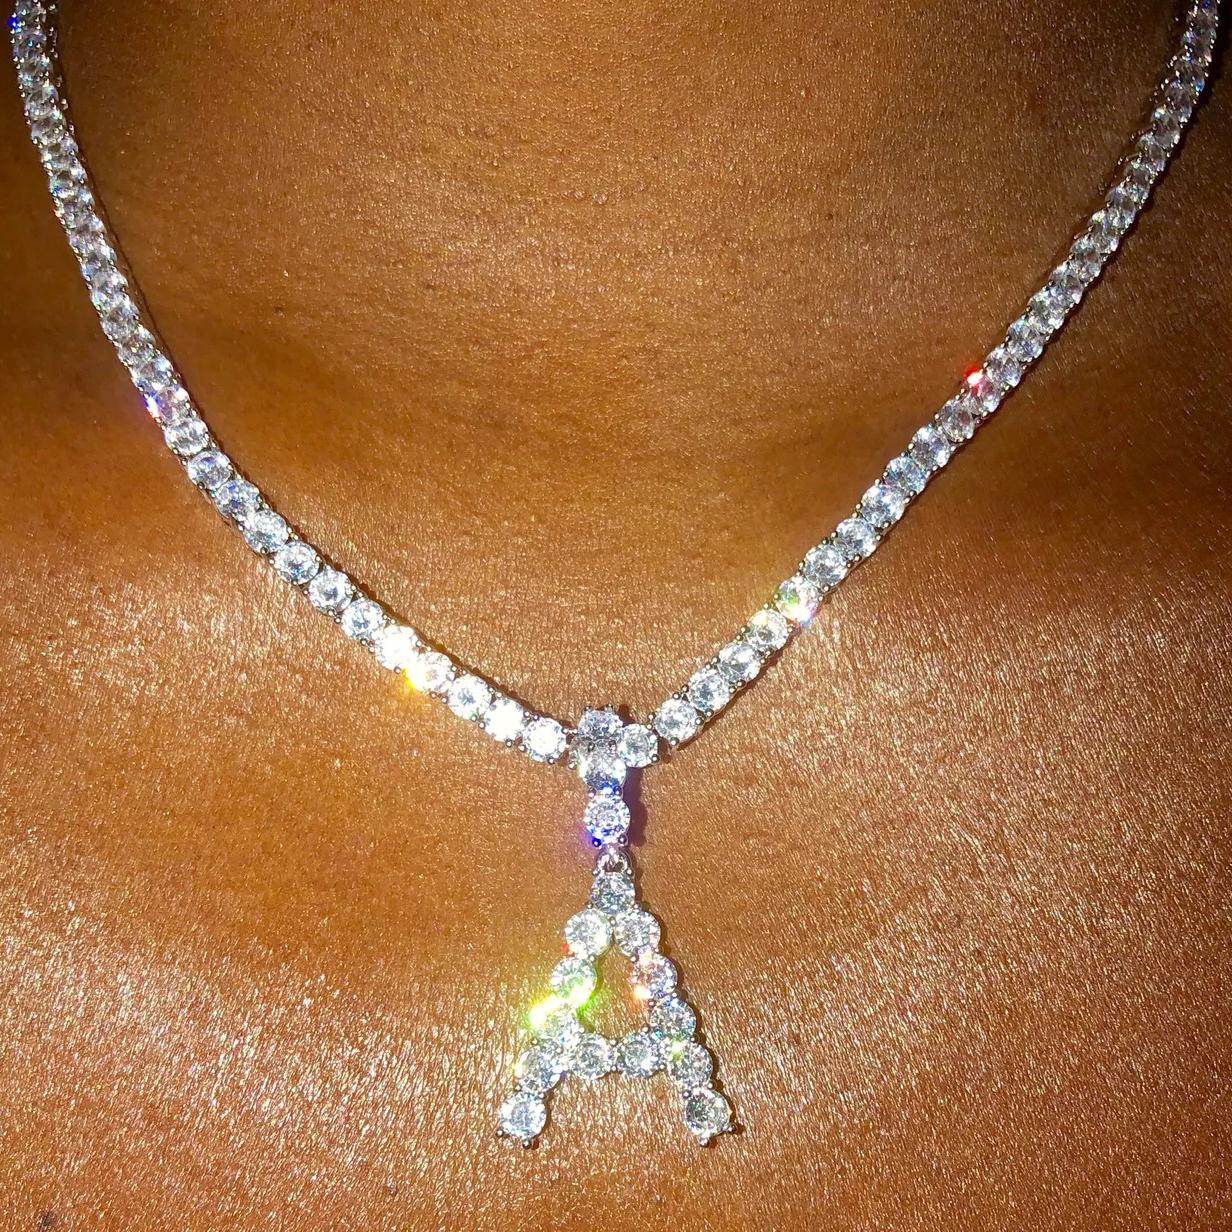 Mode 26 Buchstaben Alphabet Halskette Kristall Zirkonia Anhänger Frauen Schmuck